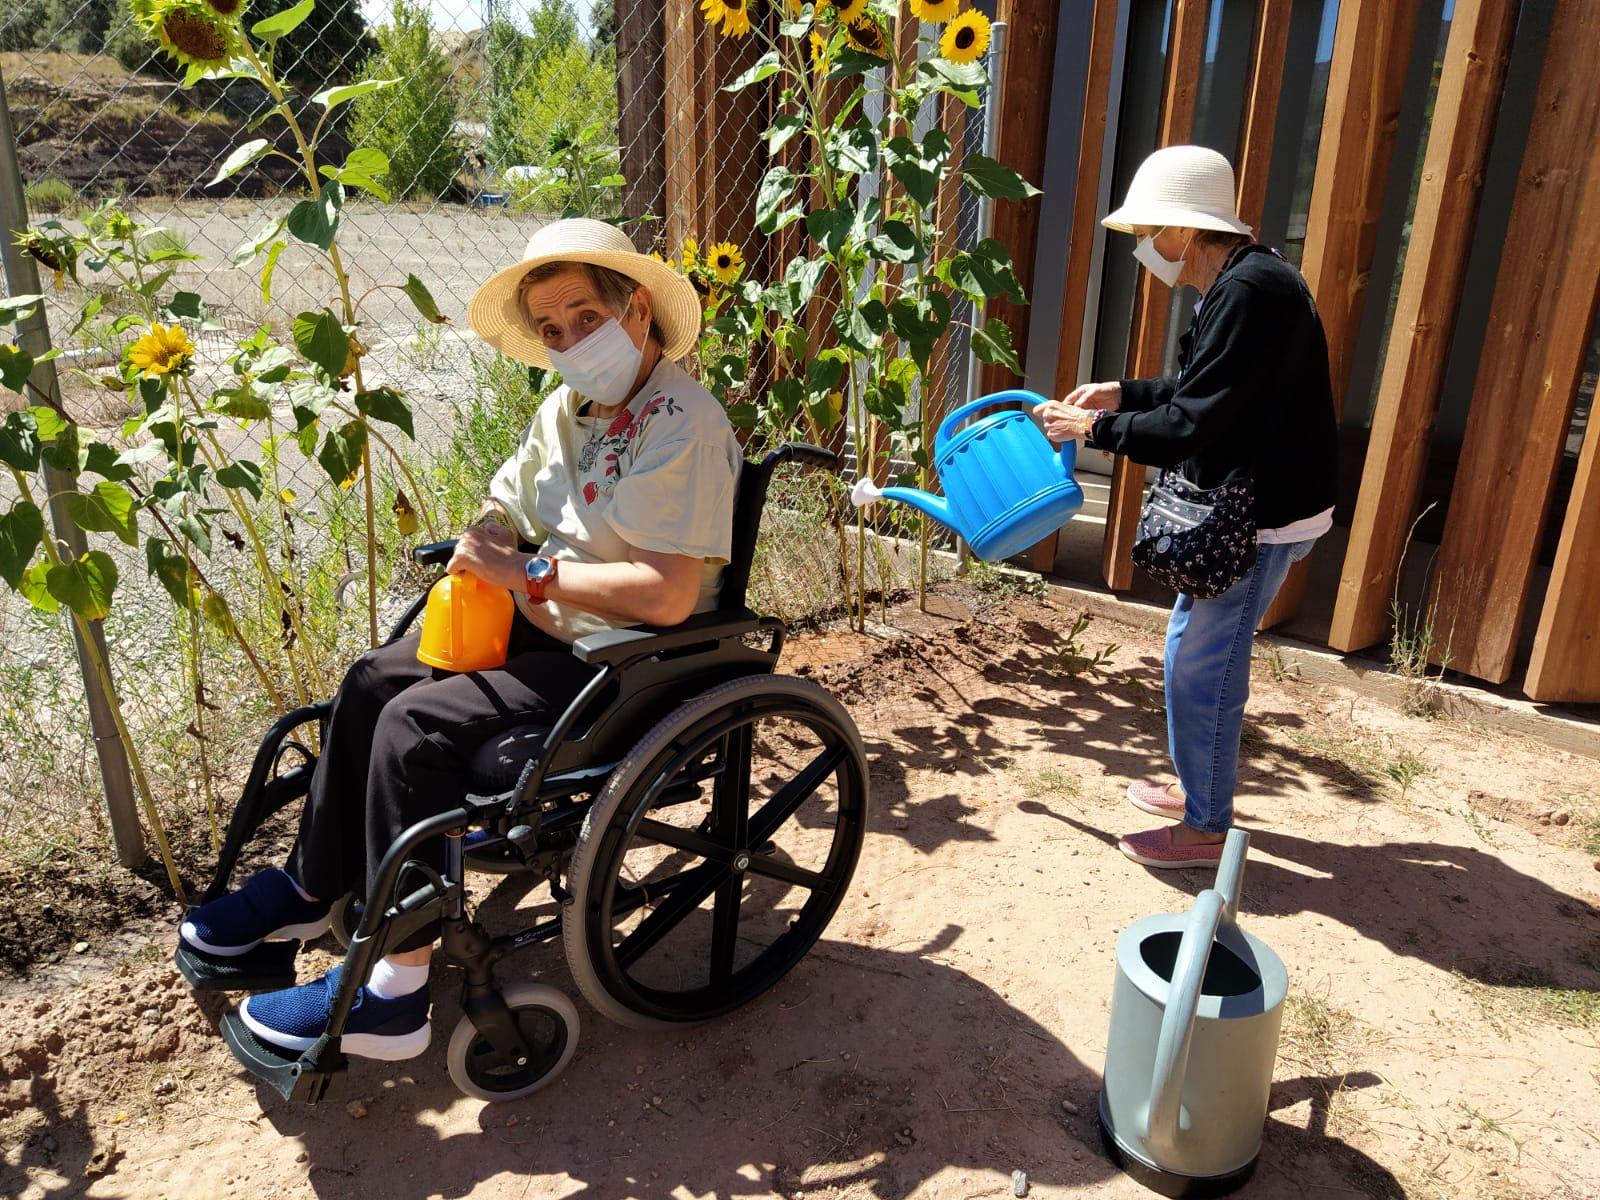 ATADI impulsa dos programas europeos de fomento de empleo y atención a la discapacidad en el medio rural